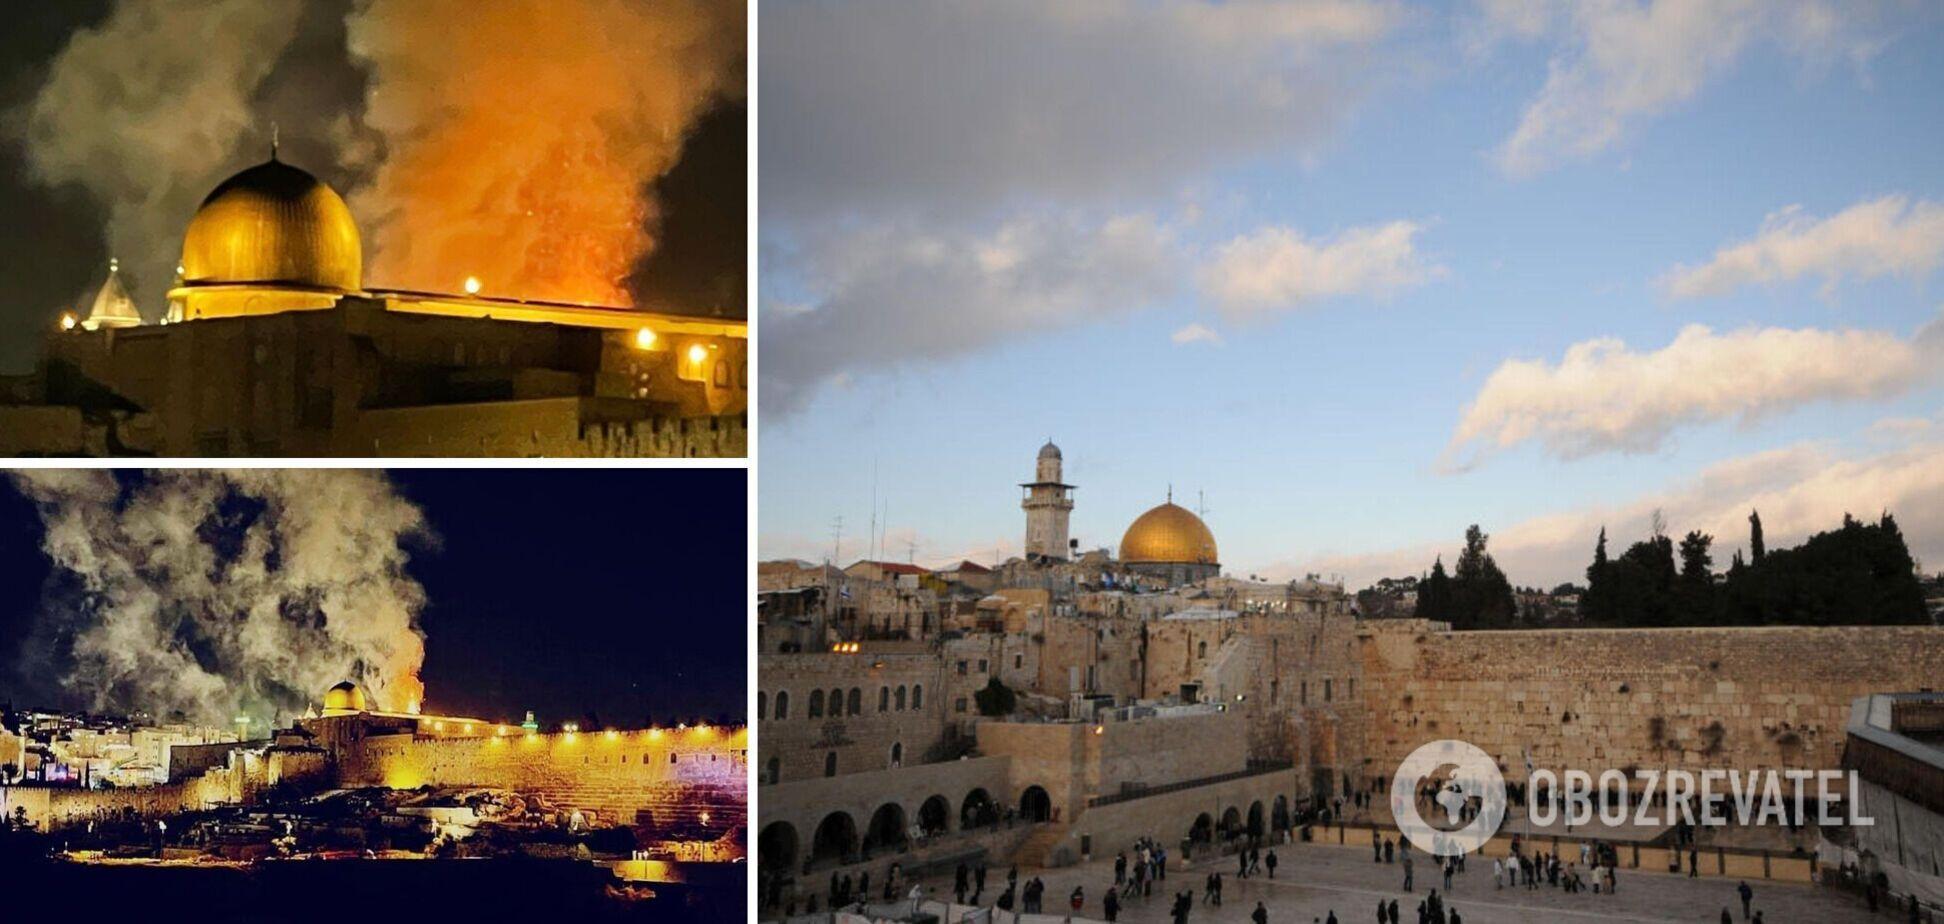 На Храмовій горі в Ізраїлі після ракетного обстрілу спалахнула пожежа. Відео